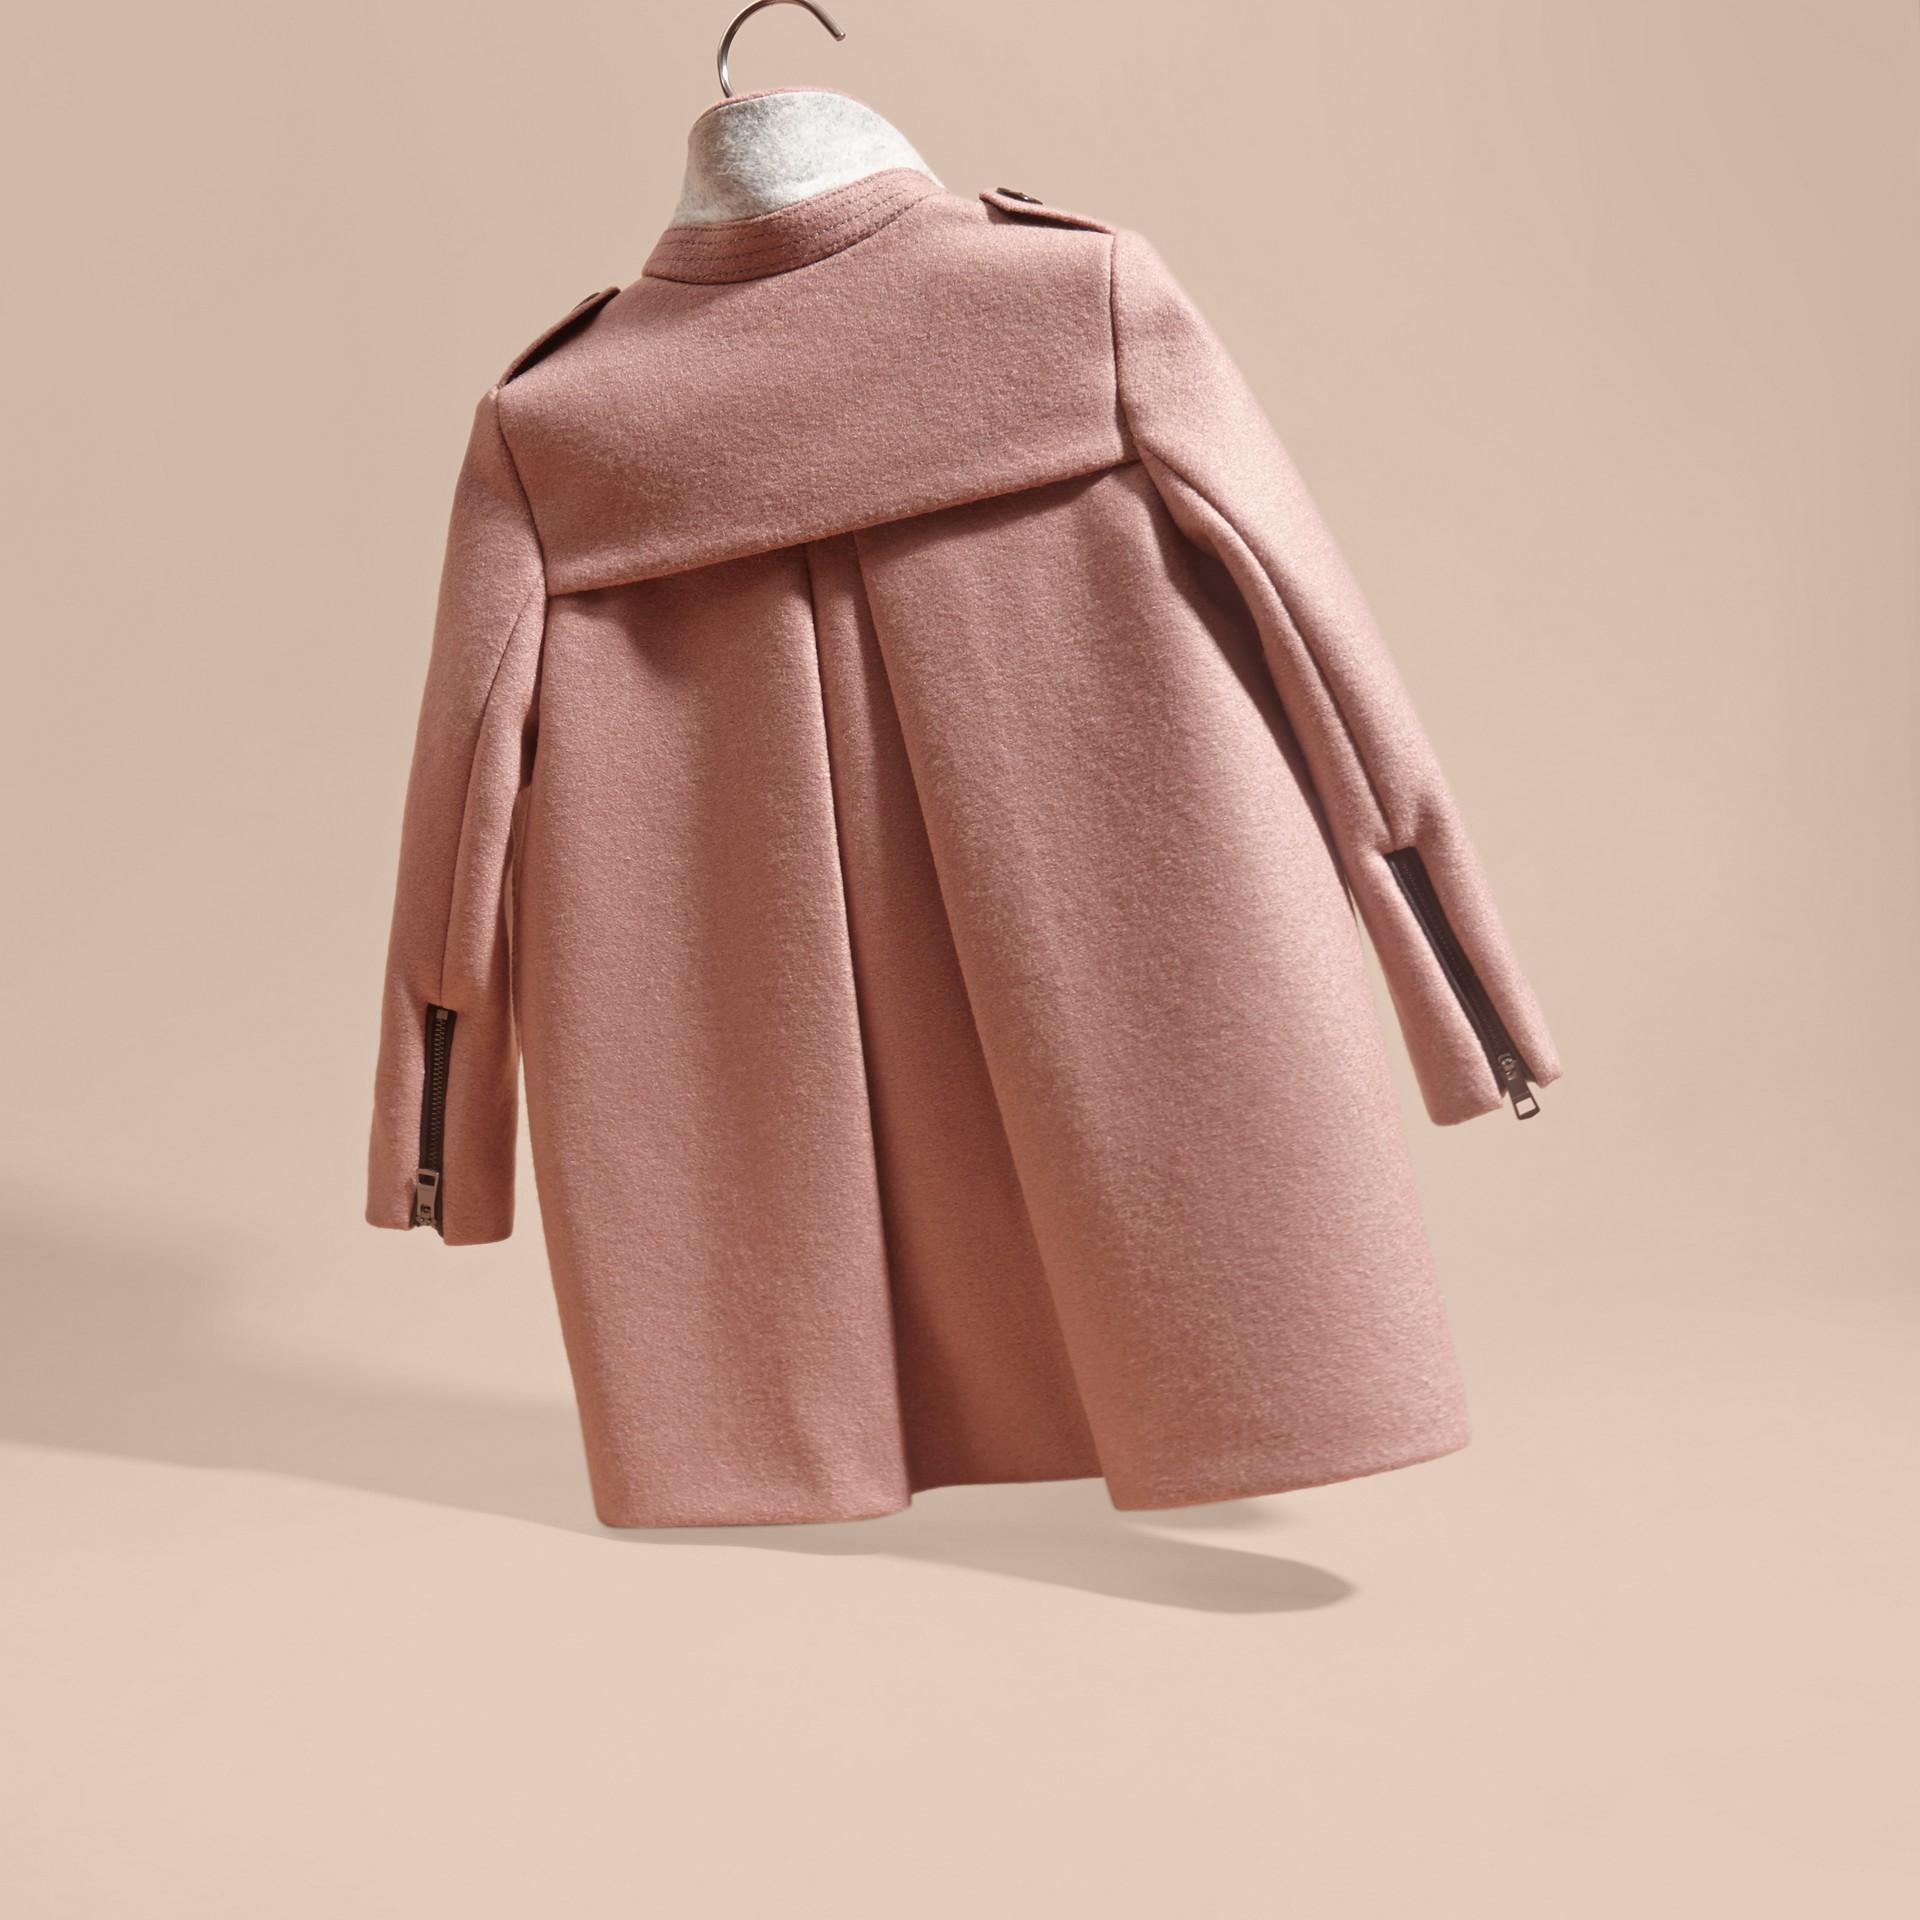 Manteau en laine avec zip (Rose Cendré Pâle) - Fille | Burberry - photo de la galerie 4